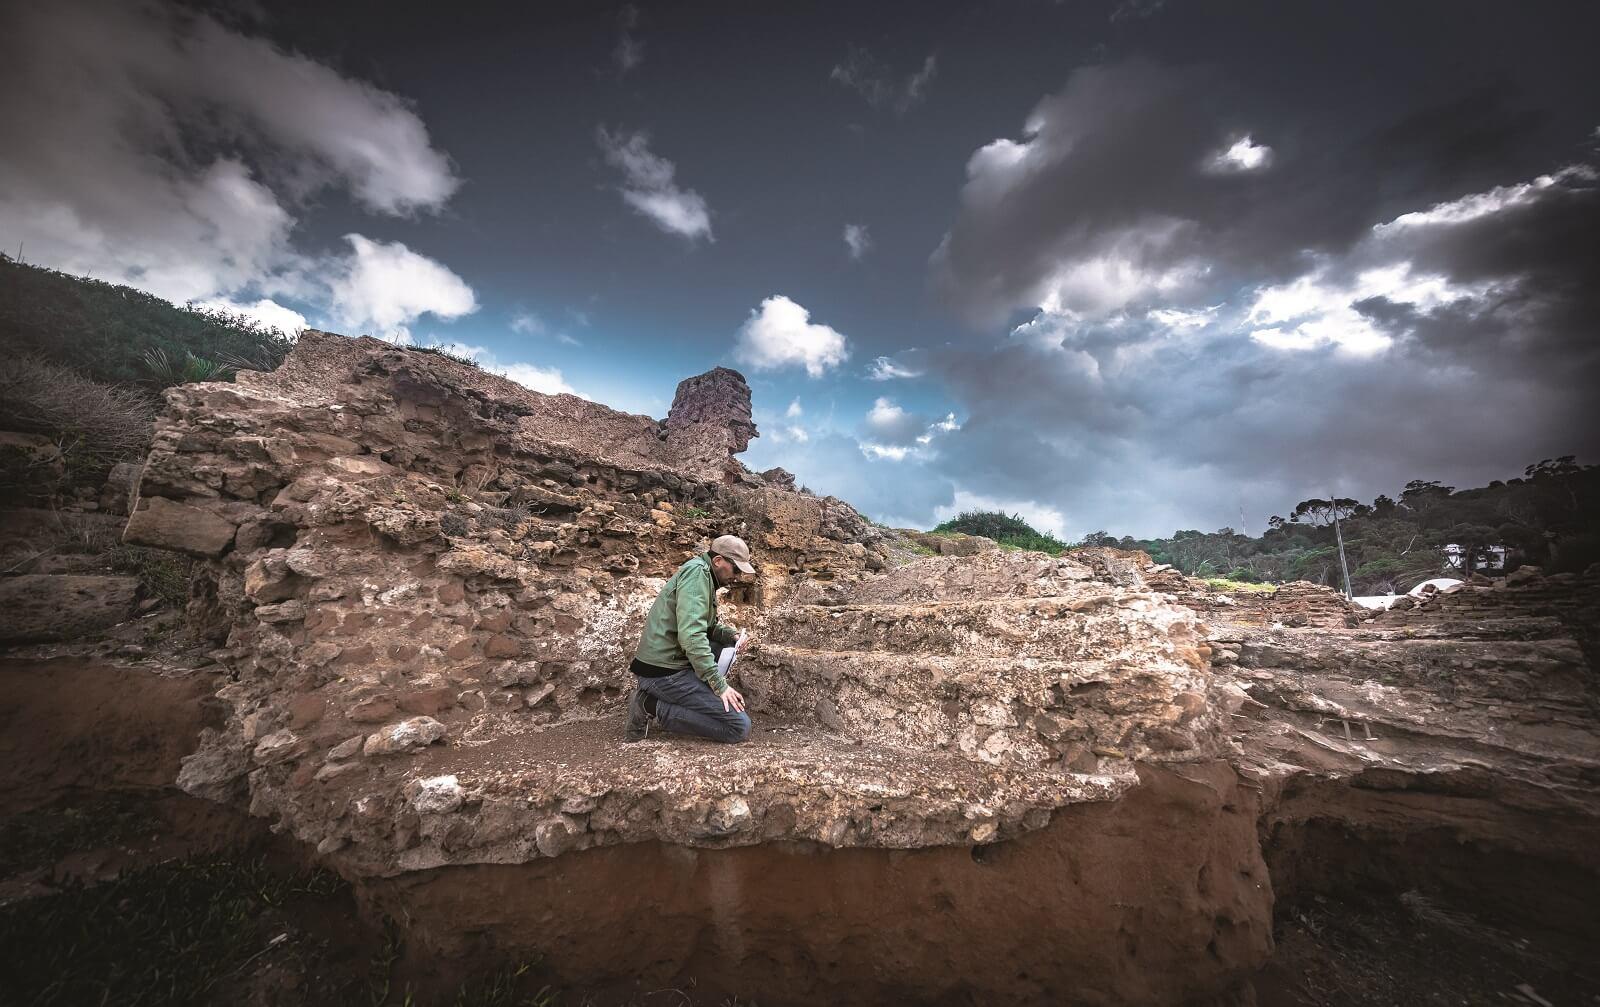 El profesor Khellaf documentando restos de un edificio romano. Tayeb Benmokadem